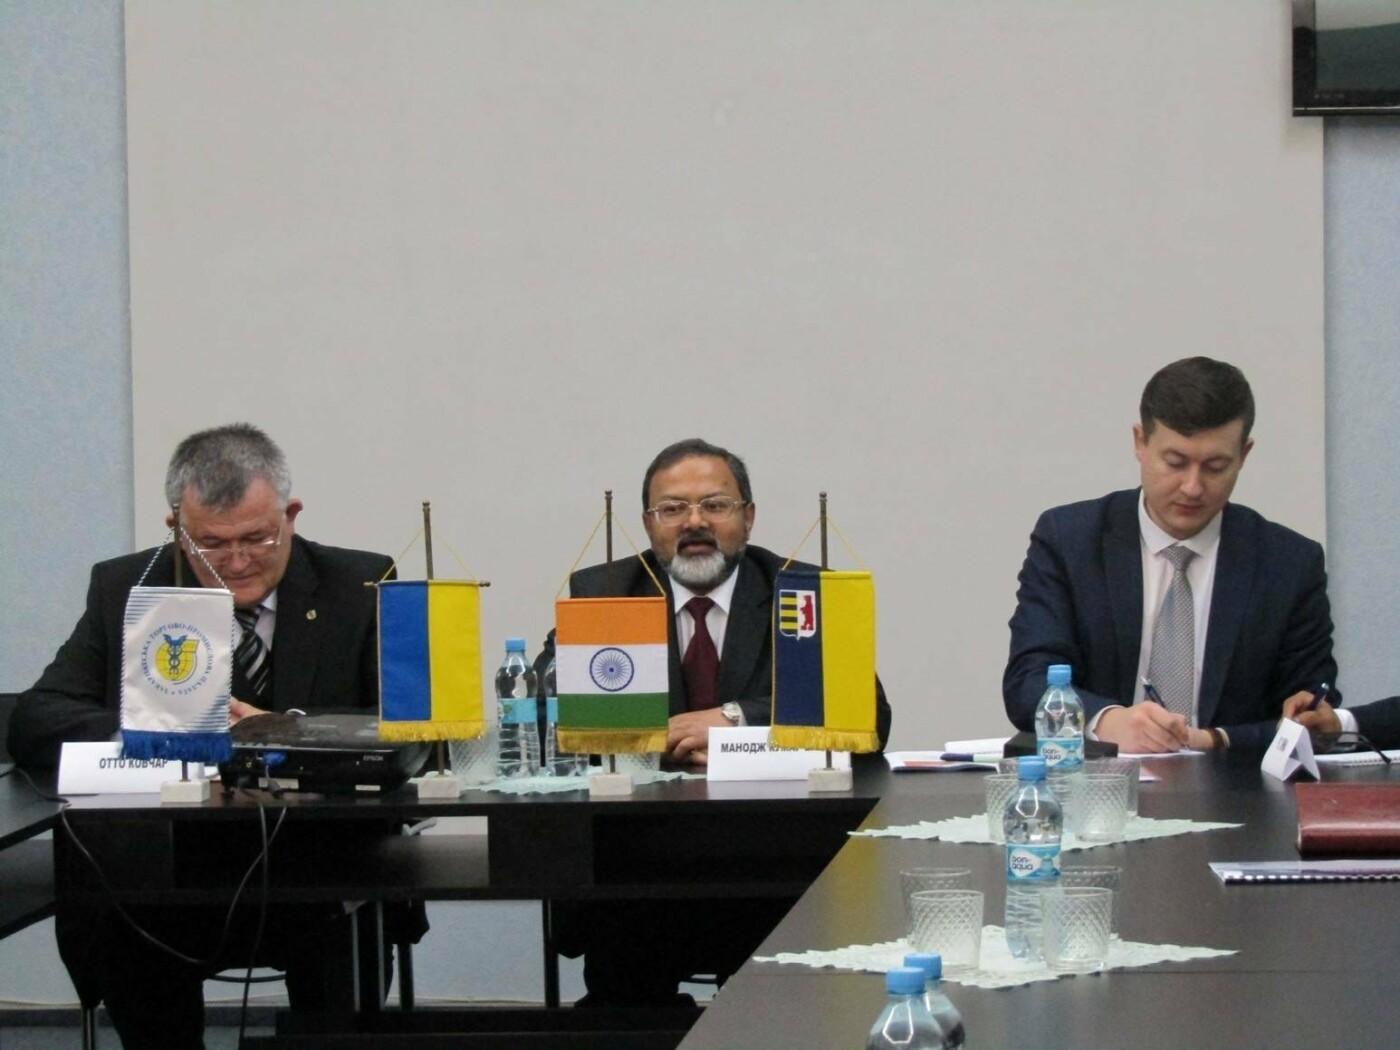 Візит індійського посла Бхарті в Ужгород: більше іноземних студентів та експорт на мільярди (ФОТО), фото-2